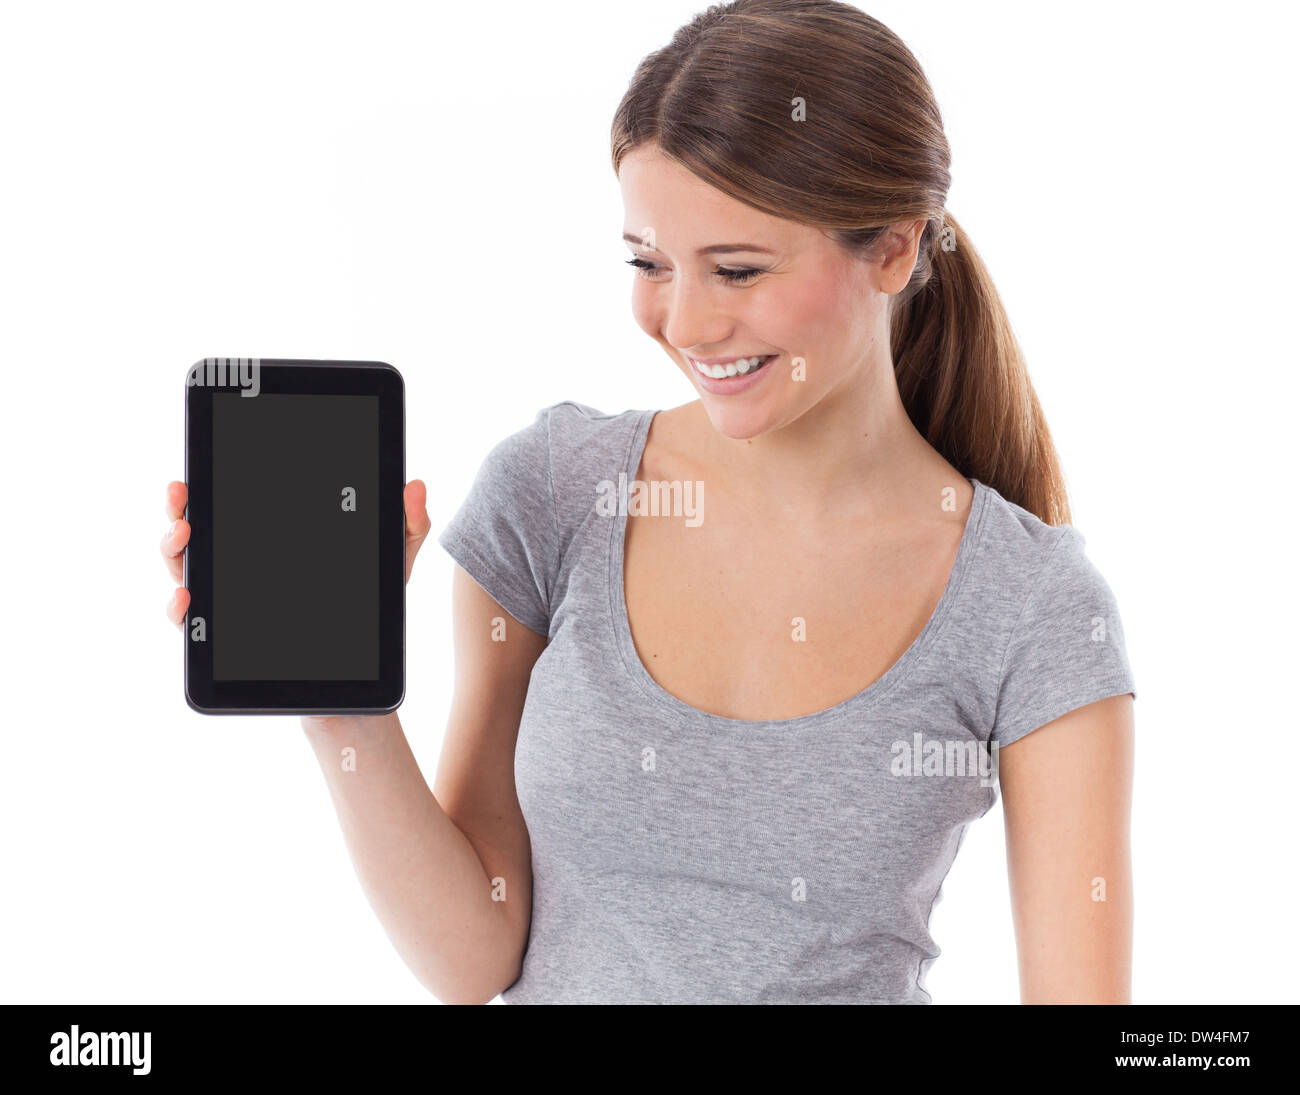 Mujer alegre presentando un touchpad, el concepto de comunicación Imagen De Stock